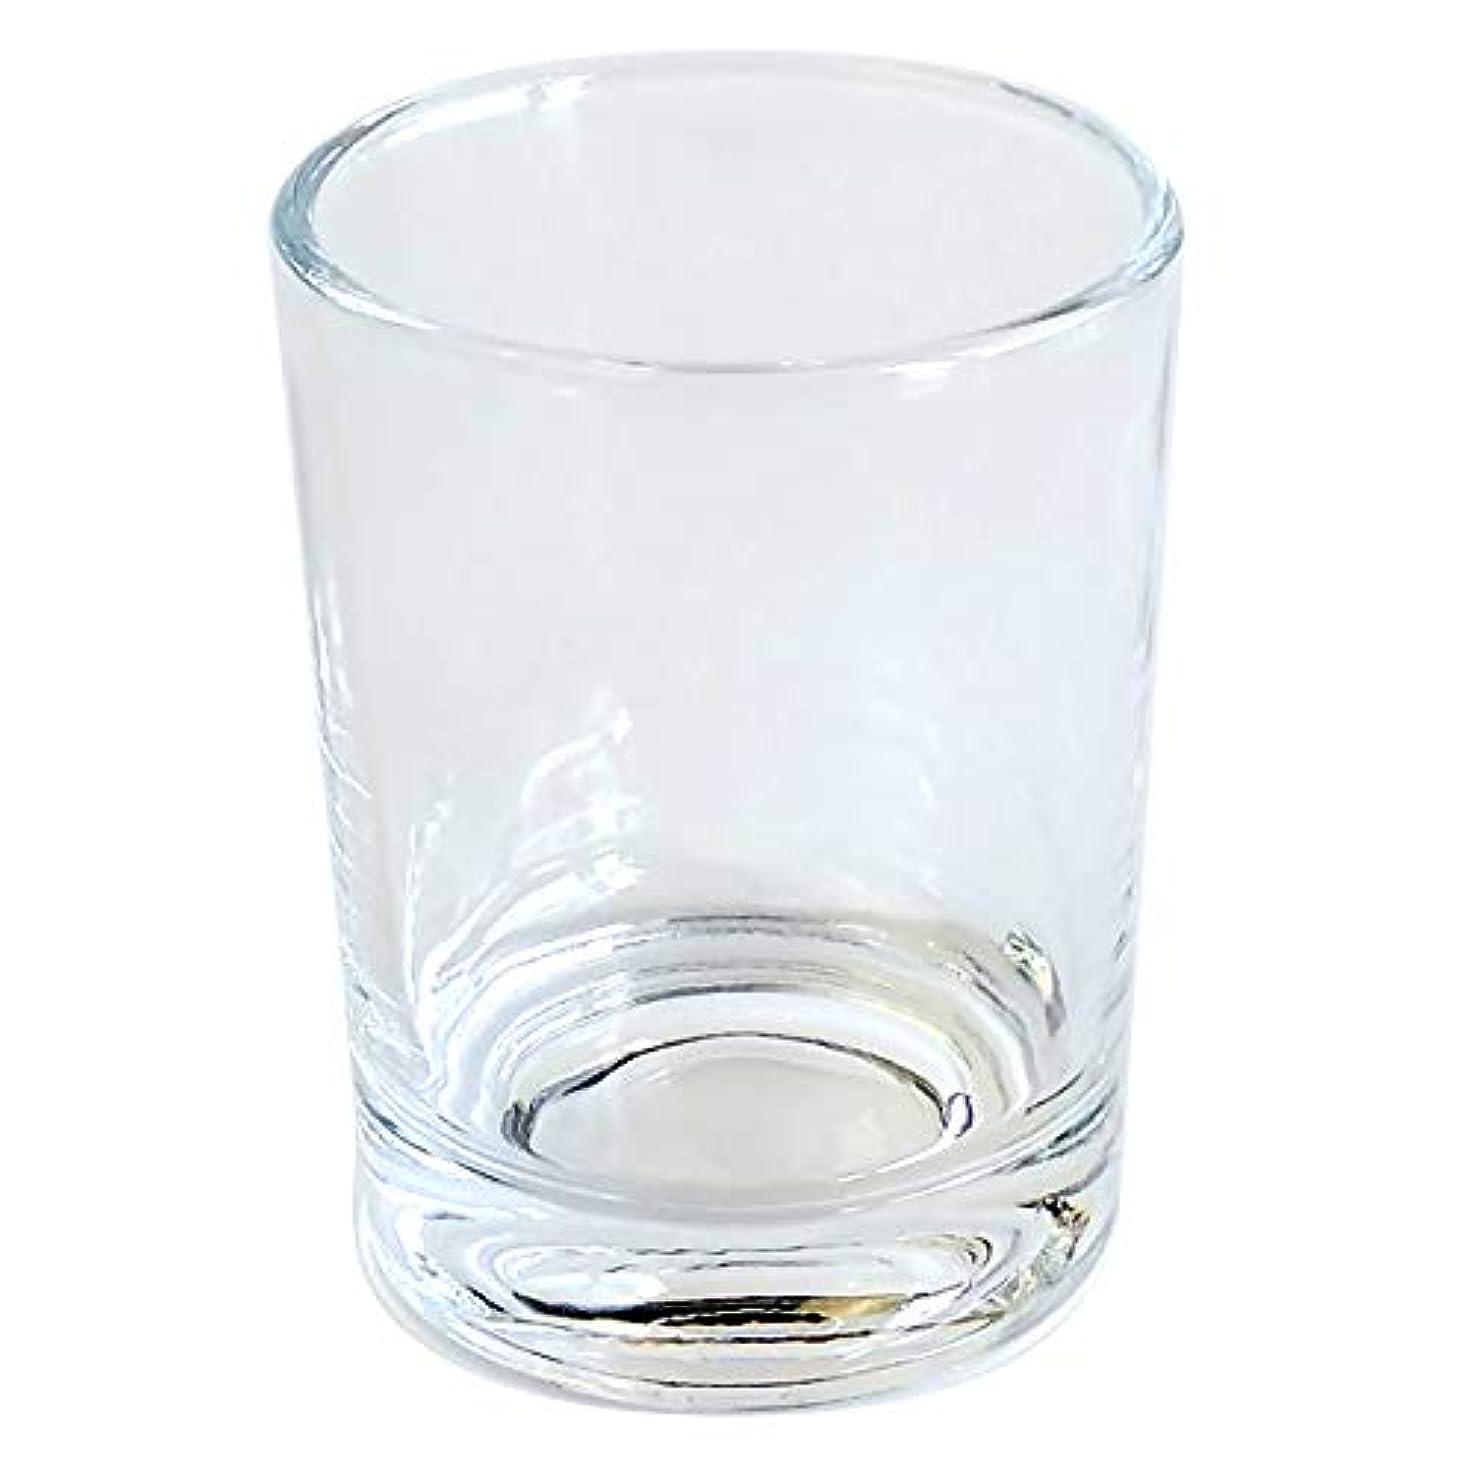 アーティファクト北東暴徒キャンドルホルダー ガラス シンプル[大] 1個 キャンドルスタンド ろうそく立て おしゃれ